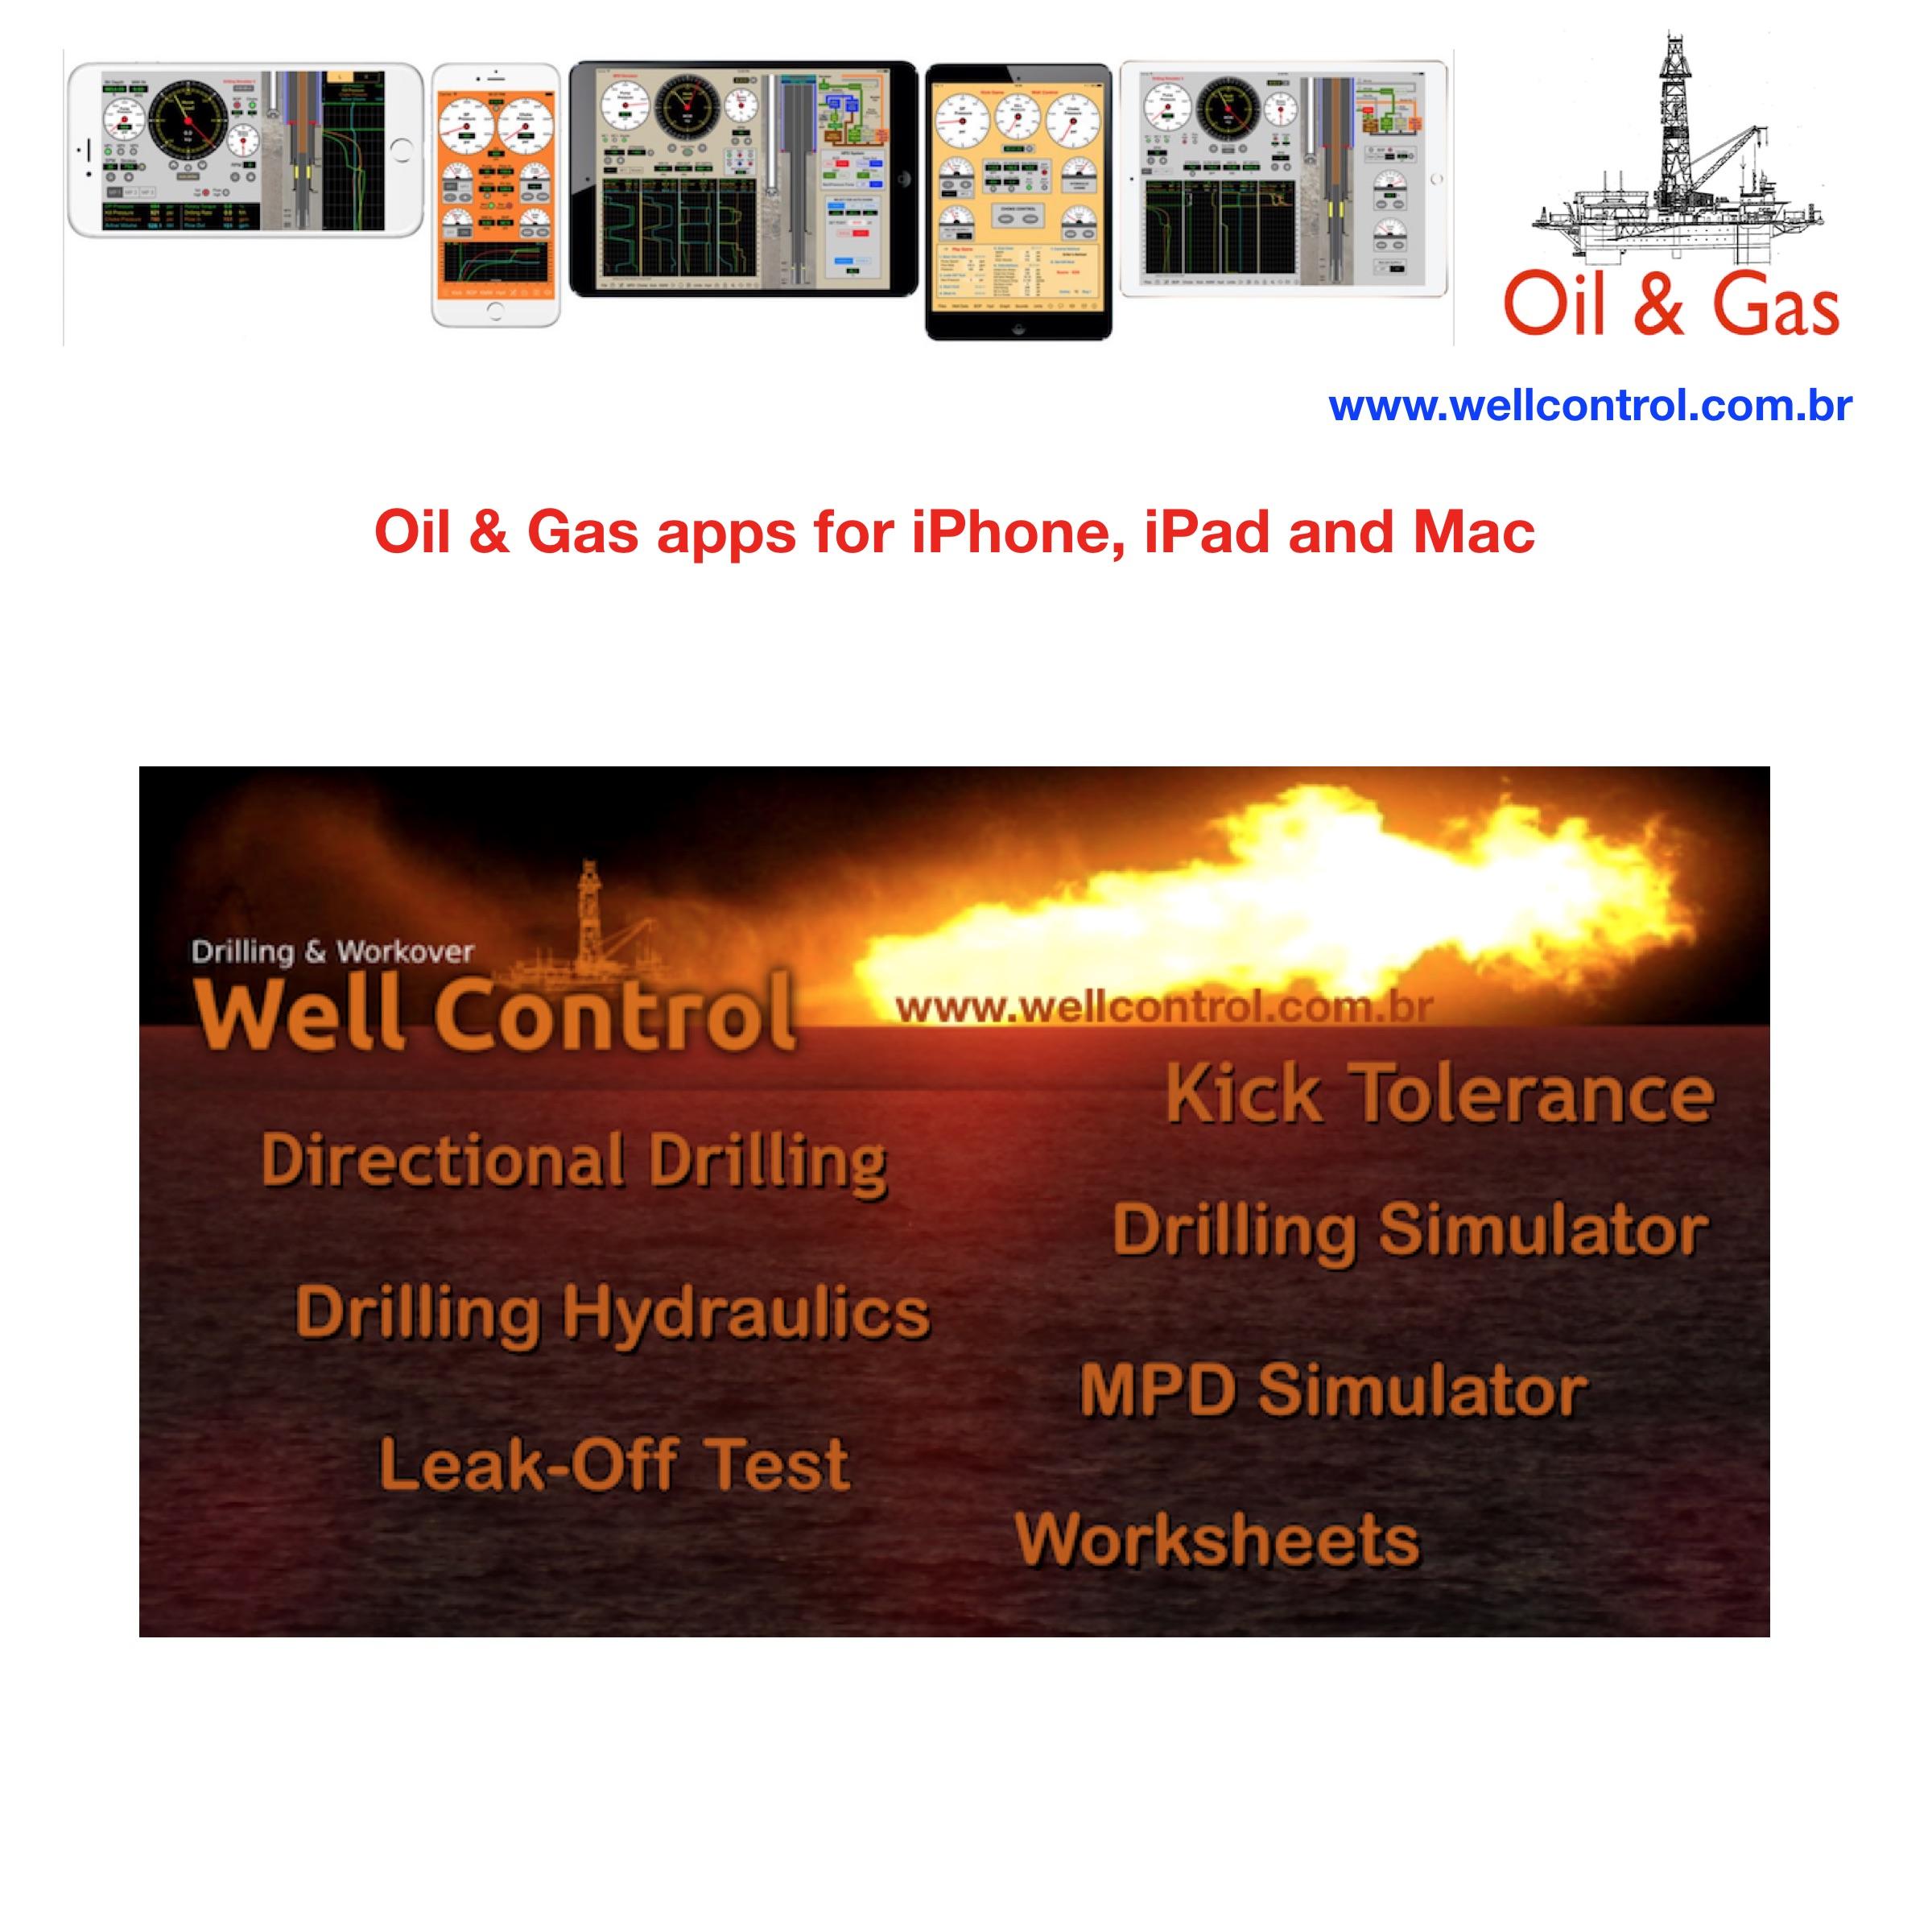 www.wellcontrol.com.br